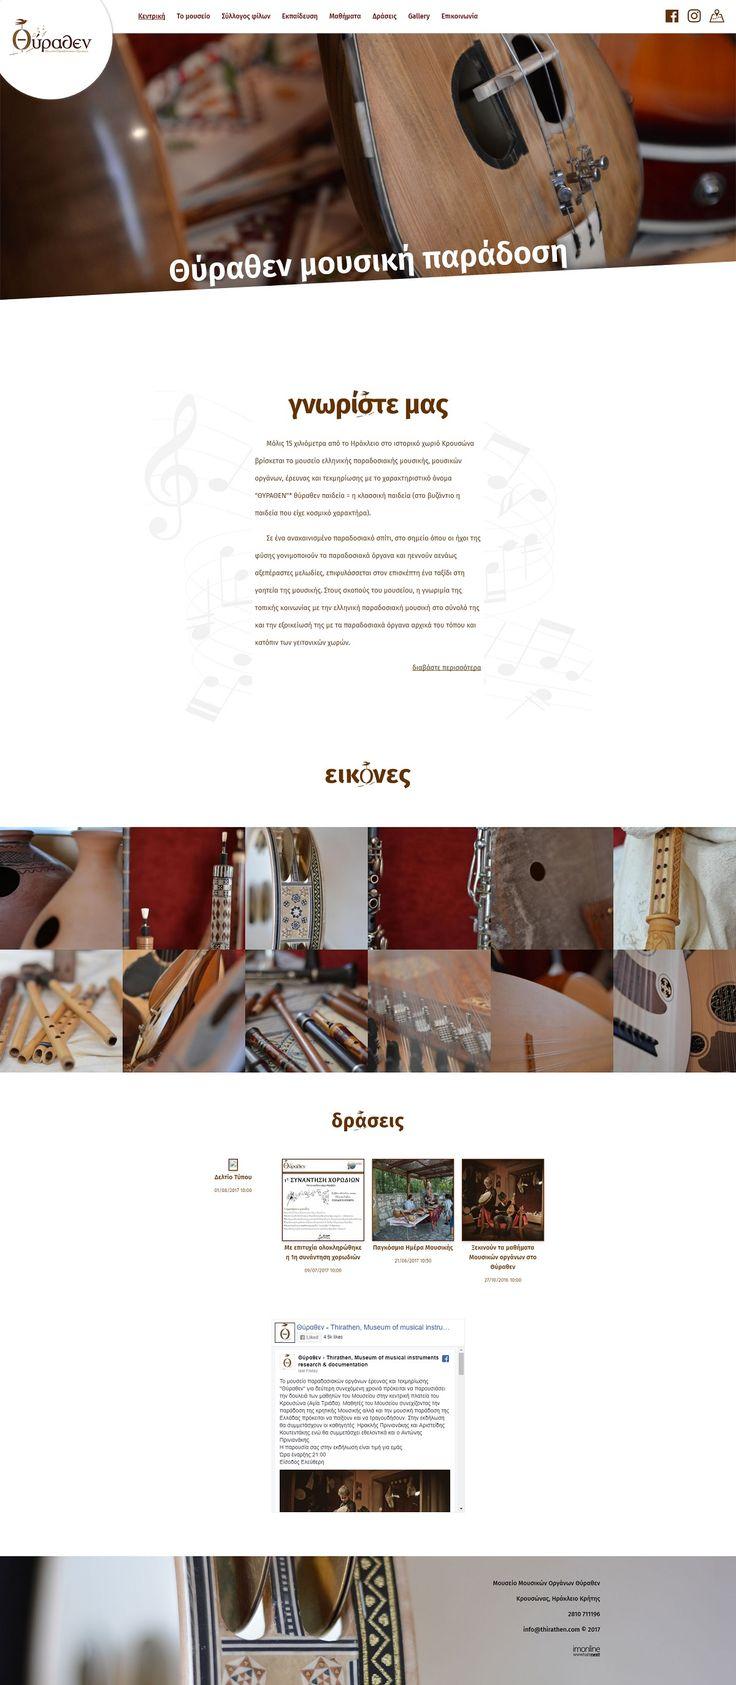 Θύραθεν, το μουσείο ελληνικής παραδοσιακής μουσικής  Το Θύραθεν αποτελεί ένα μουσείο αφιερωμένο στην ελληνική παραδοσιακή μουσική και τα μουσικά όργανα, το οποίο βρίσκεται στο χωριό Κρουσώνας Ηρακλείου.  https://www.imonline.gr/gr/kataskevi-istoselidas/thurathen-to-mouseio-ellinikis-paradosiakis-mousikis-1225